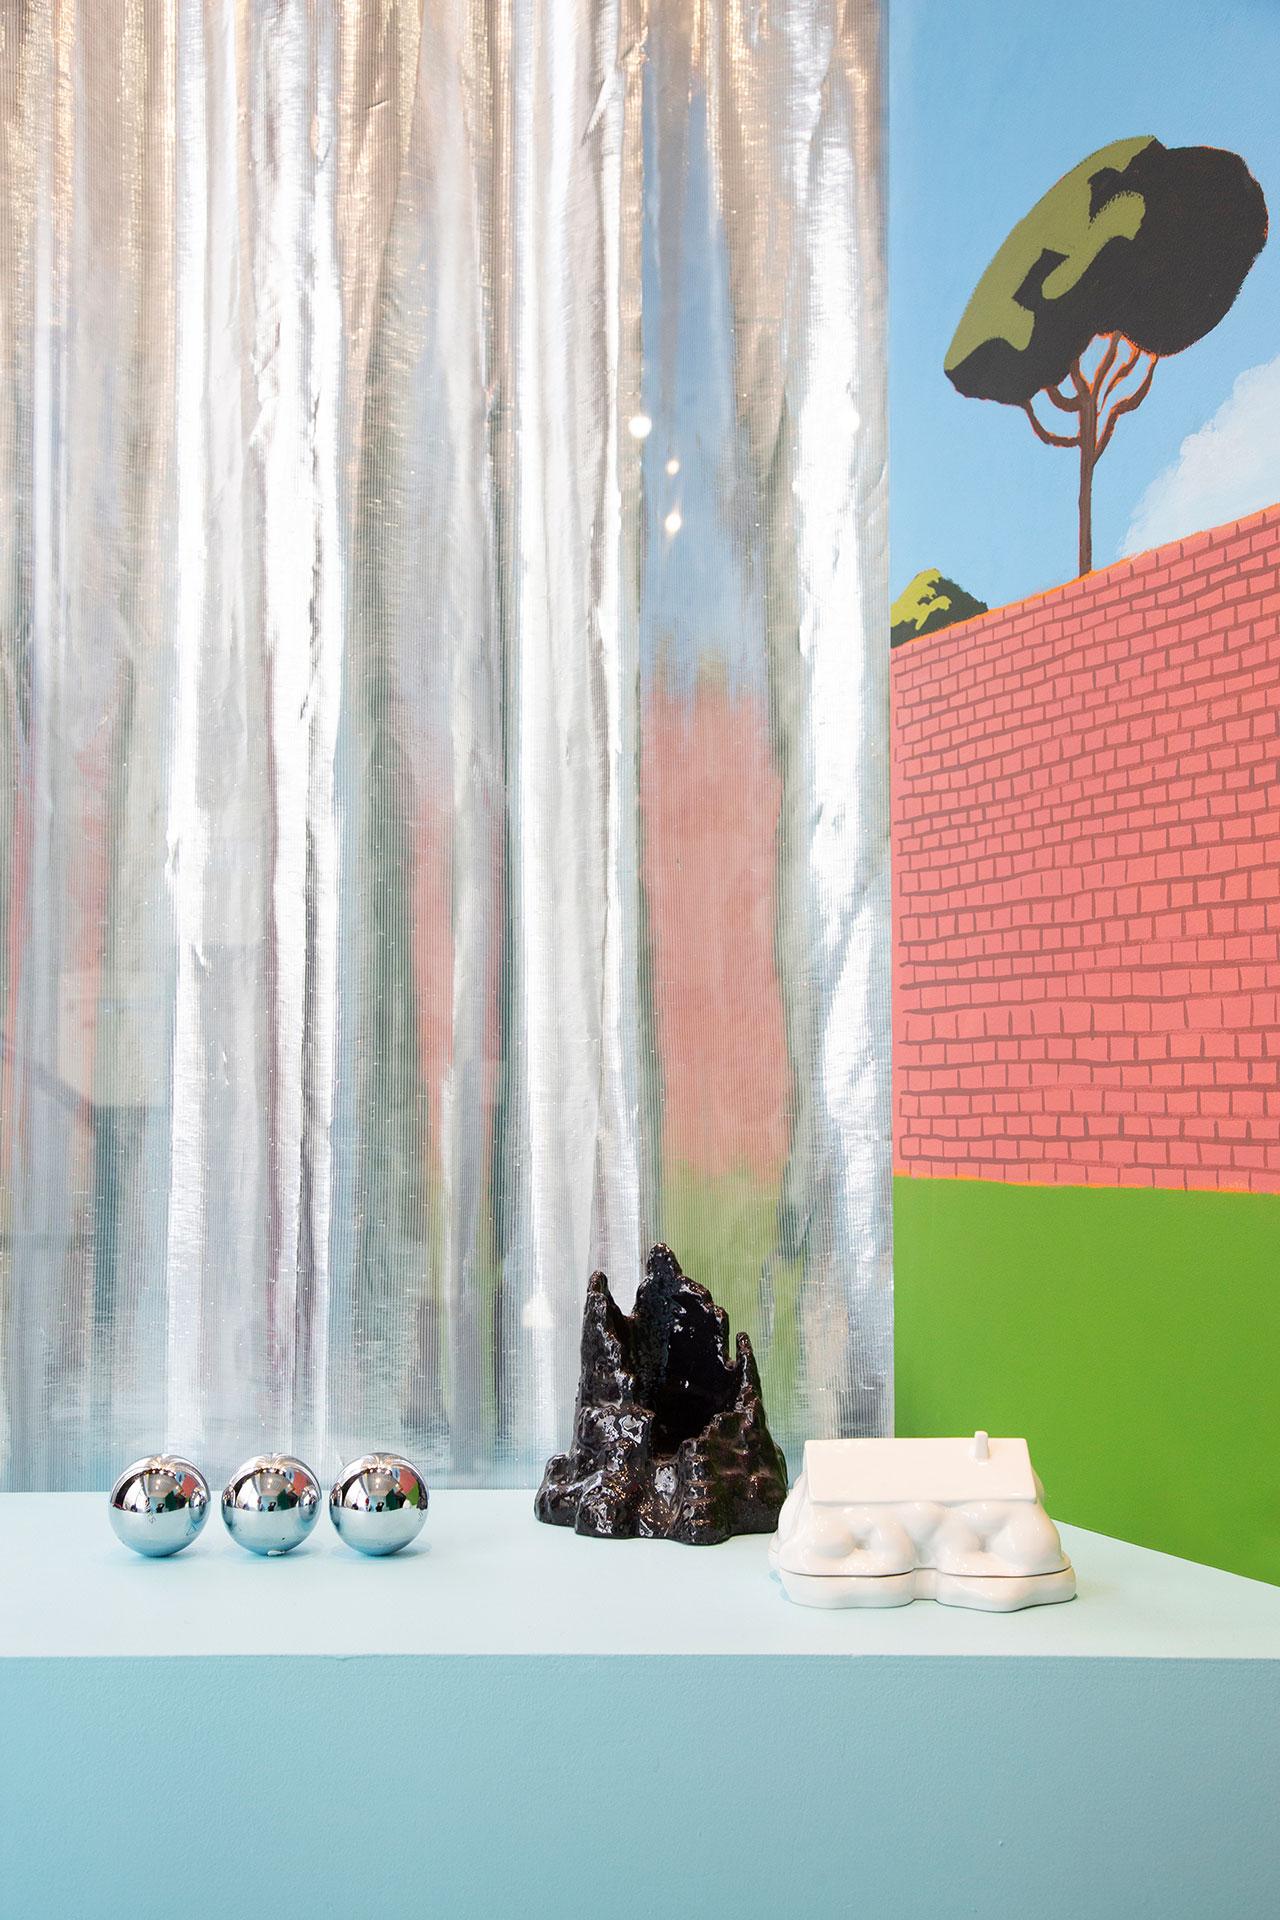 """""""Triplette Alchimique"""" pétanque balls byRenaud Perriches,""""Grotte à savon"""" soap dish byFlorian Bézu,""""Little Big House"""" butter dish byErwin Wurmand """"Paravent Ostia"""" screen by Matthieu Cossé. Photography © Émile Kirsch."""